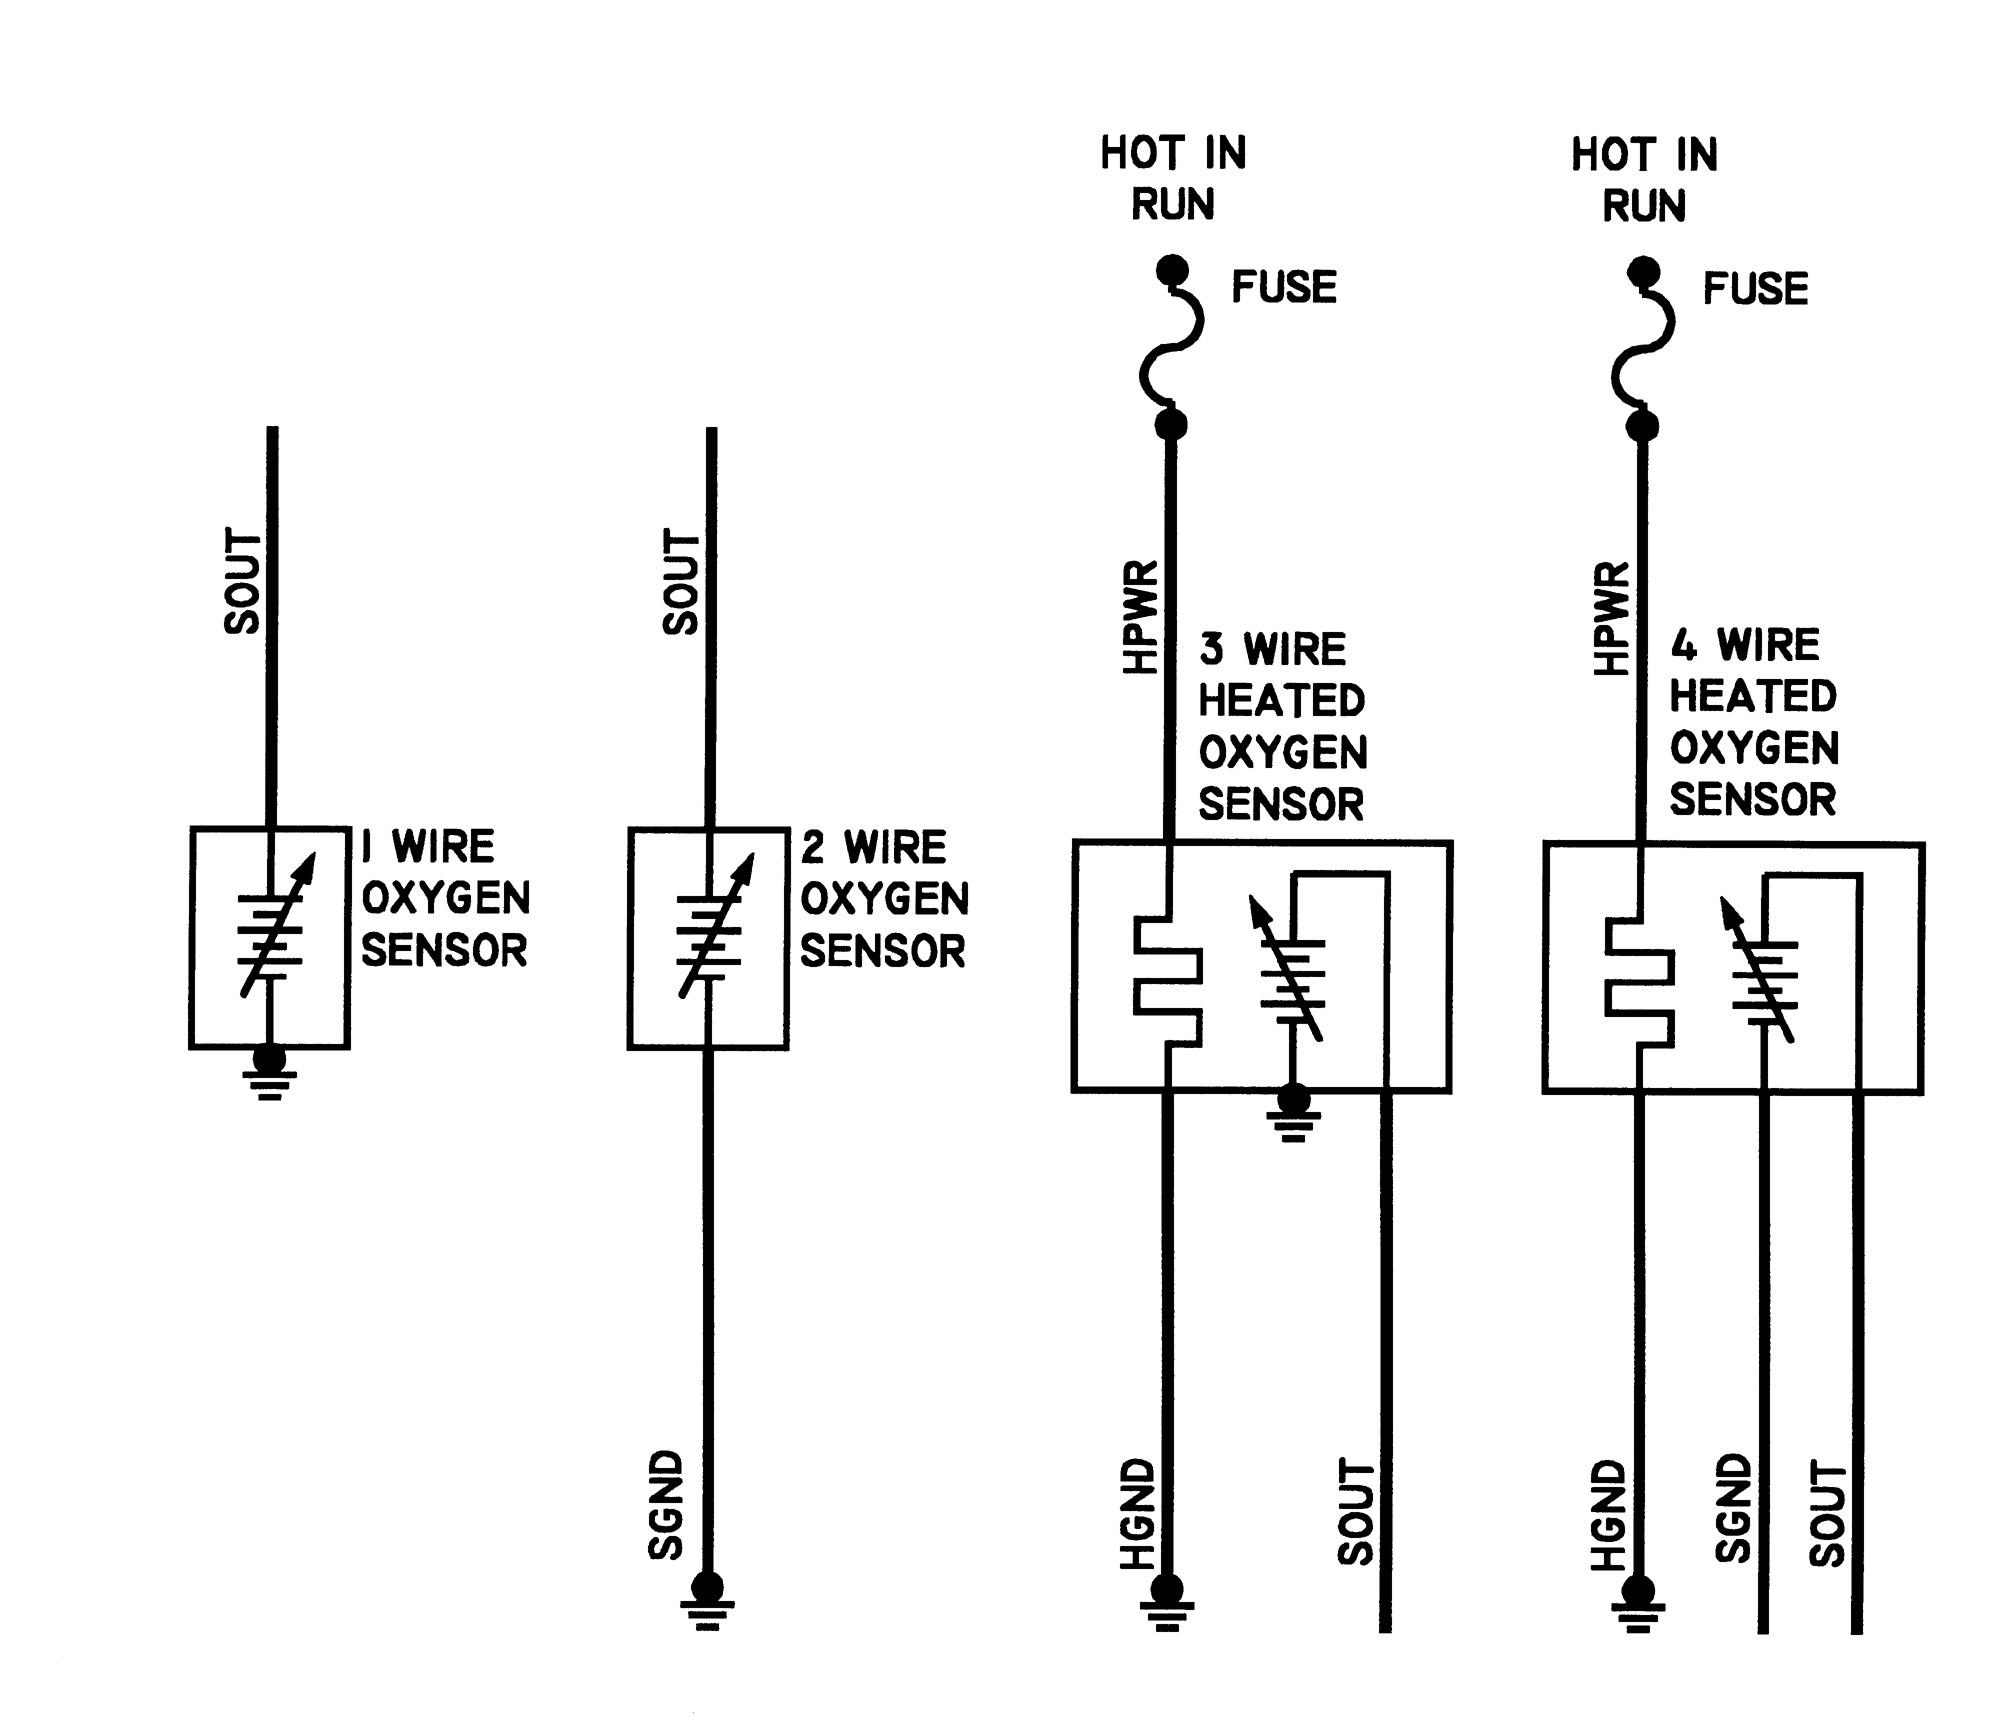 [DIAGRAM] Ep3 O2 Sensor Wiring Diagram FULL Version HD